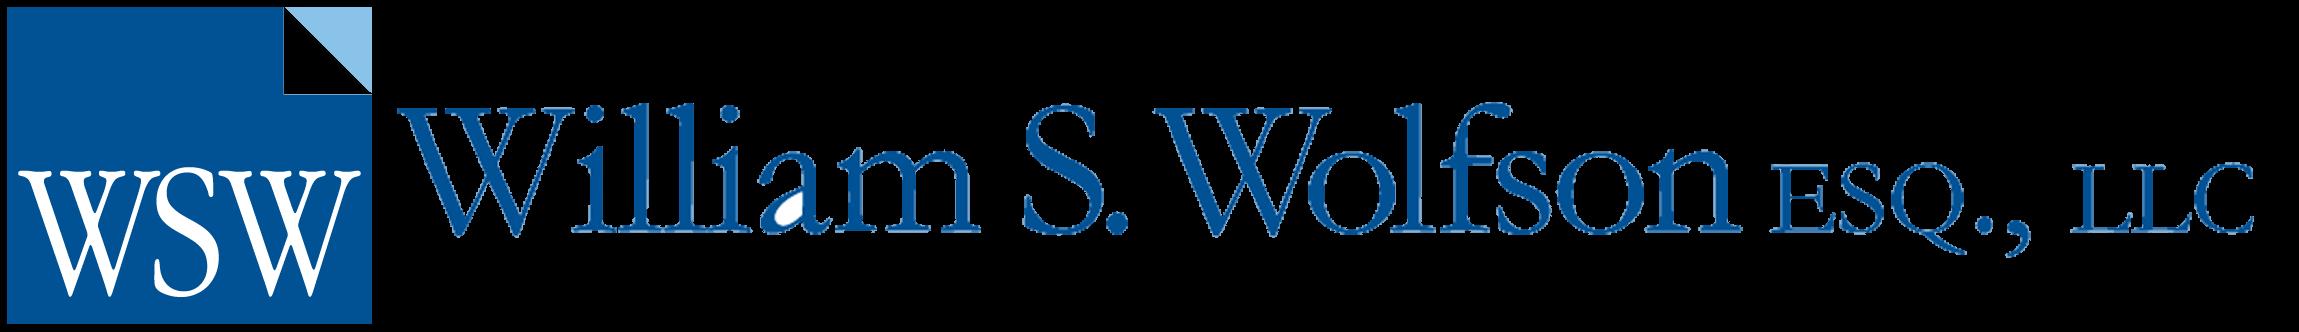 William S.Wolfson Esq.,LLC